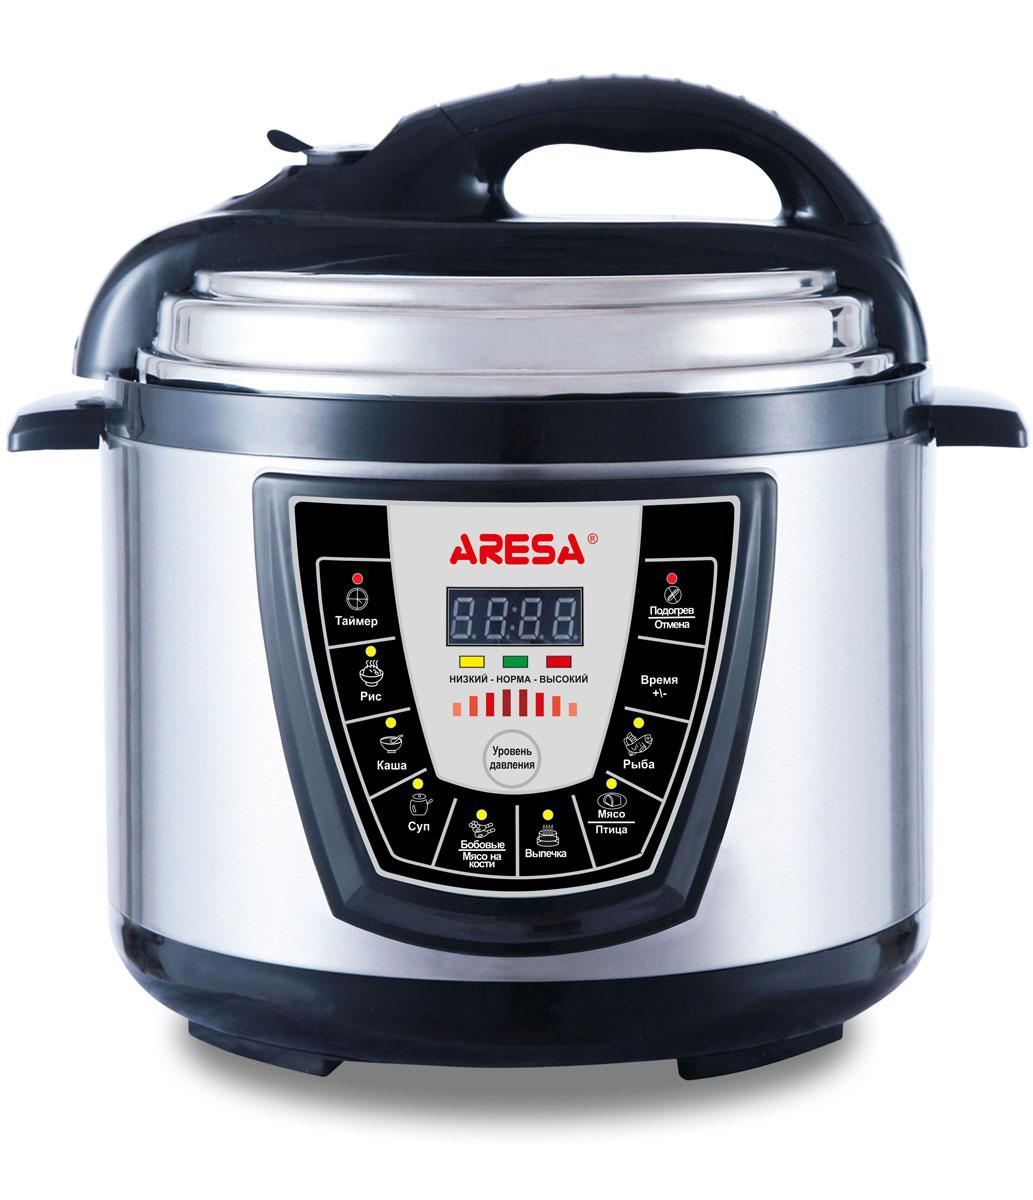 Aresa AR-2003 мультиварка-скороваркаAR-2003Мультиварка Aresa AR-2003 имеет светодиодный LED-дисплей и вместительную чашу объемом 5 литров с керамическим покрытием. Прочный корпус изготовлен из нержавеющей стали. Имеется встроенный датчик контроля температуры и клапан сброса избыточного давления. Множество различных функций и режимов приготовления позволит готовить именно те блюда, которые вам нравятся. Регулировка времени приготовления и функция отложенного старта позволит с большой точностью рассчитывать продолжительность готовки. Доступна установка таймера до 24 часов. В комплект входят полезные аксессуары для приготовления пищи, а книгу рецептов можно бесплатно скачать с сайта производителя.